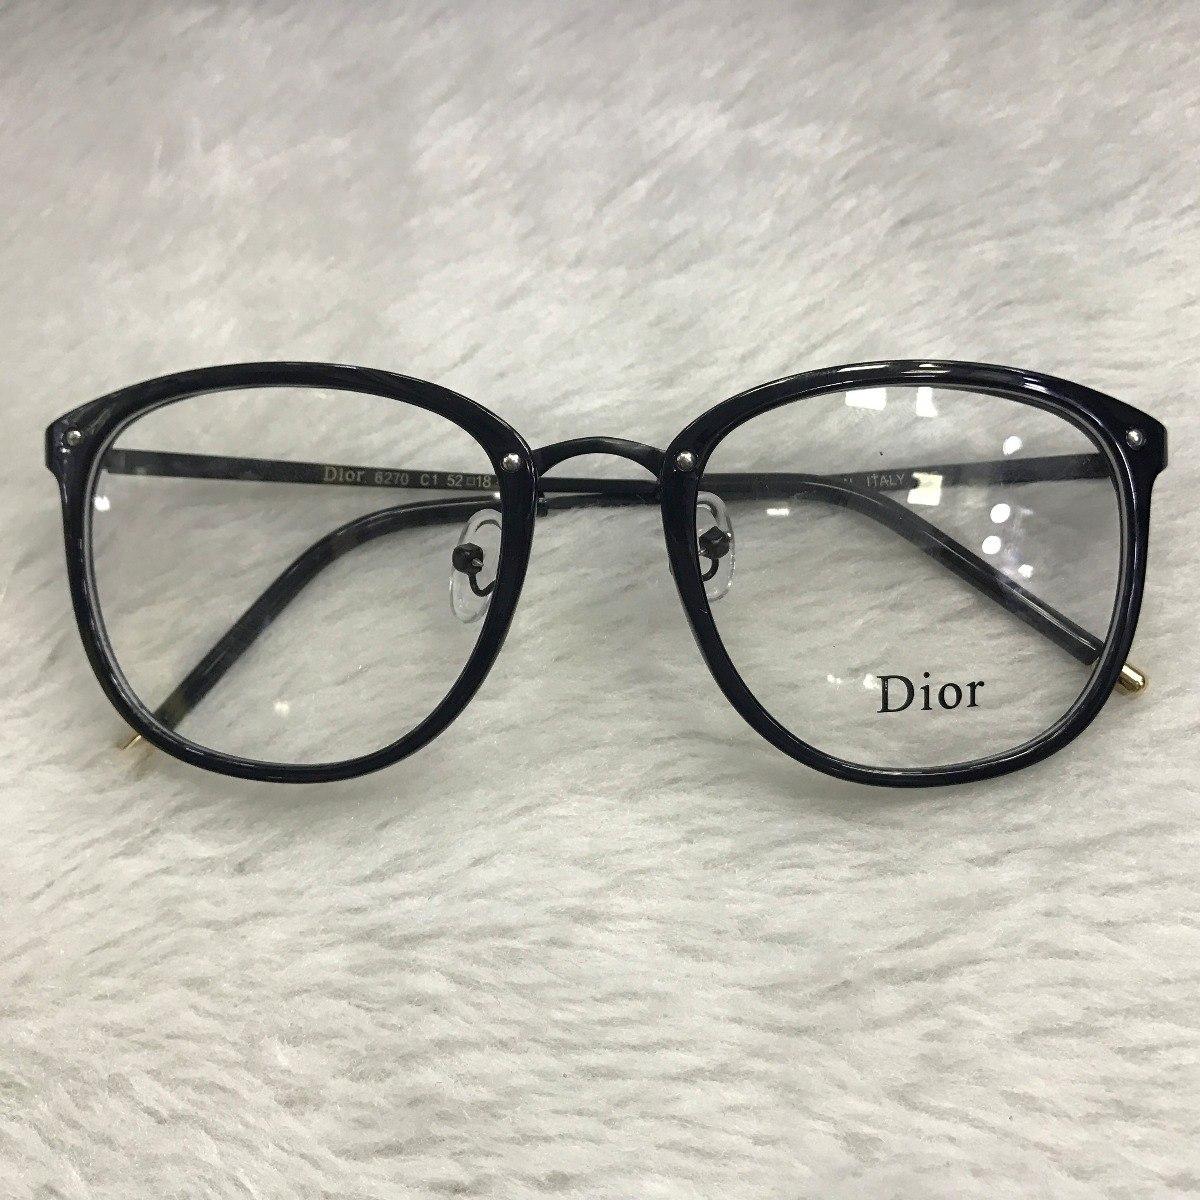 bca061169 armação óculos grau dior feminino quadrado retrô. Carregando zoom.